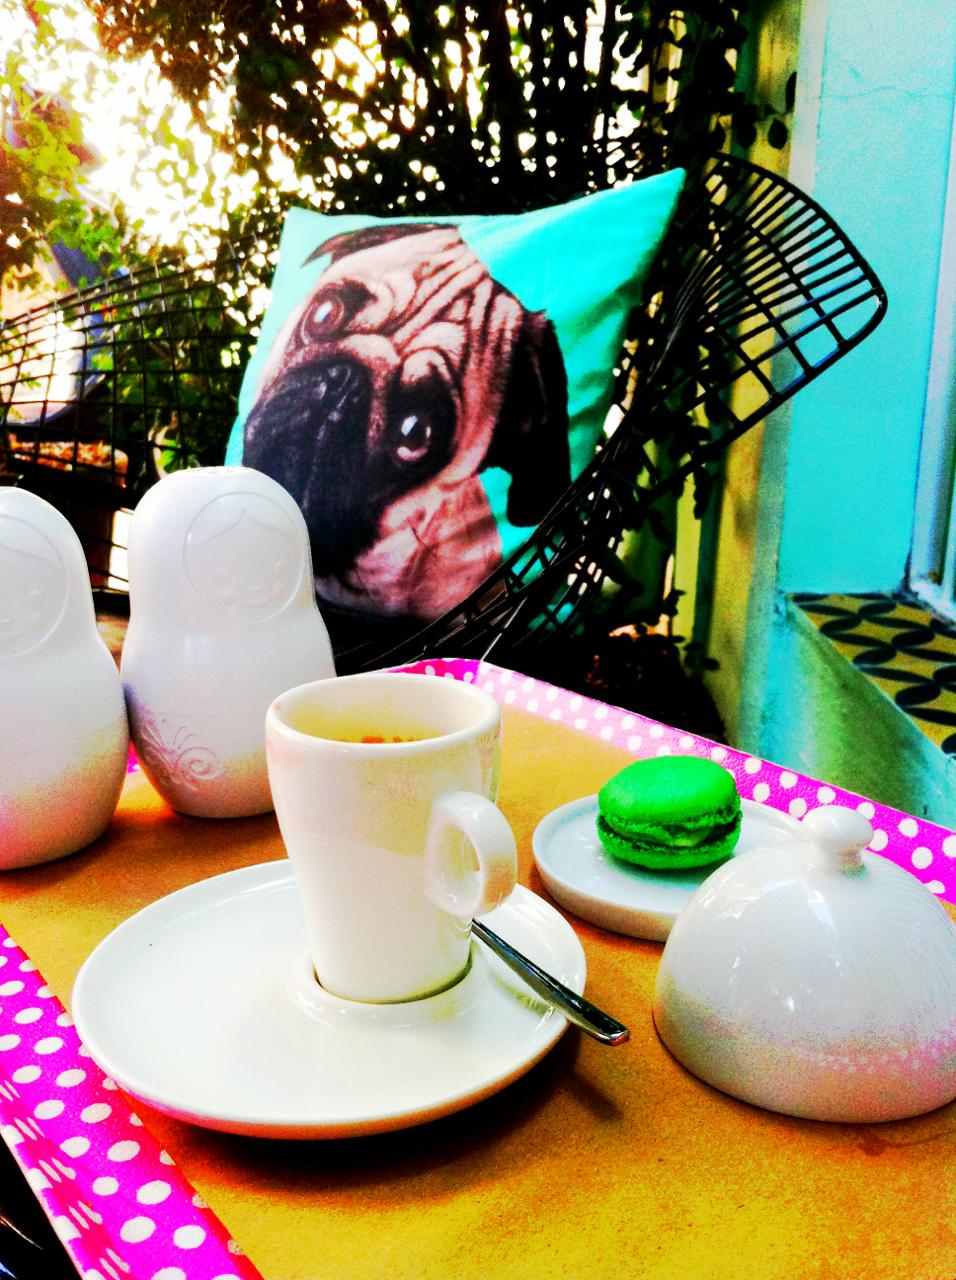 Folie! Meu chá das 5 é aqui... Café, macarrons e gelatos deliciosos! Rua Cristiano Viana, 295